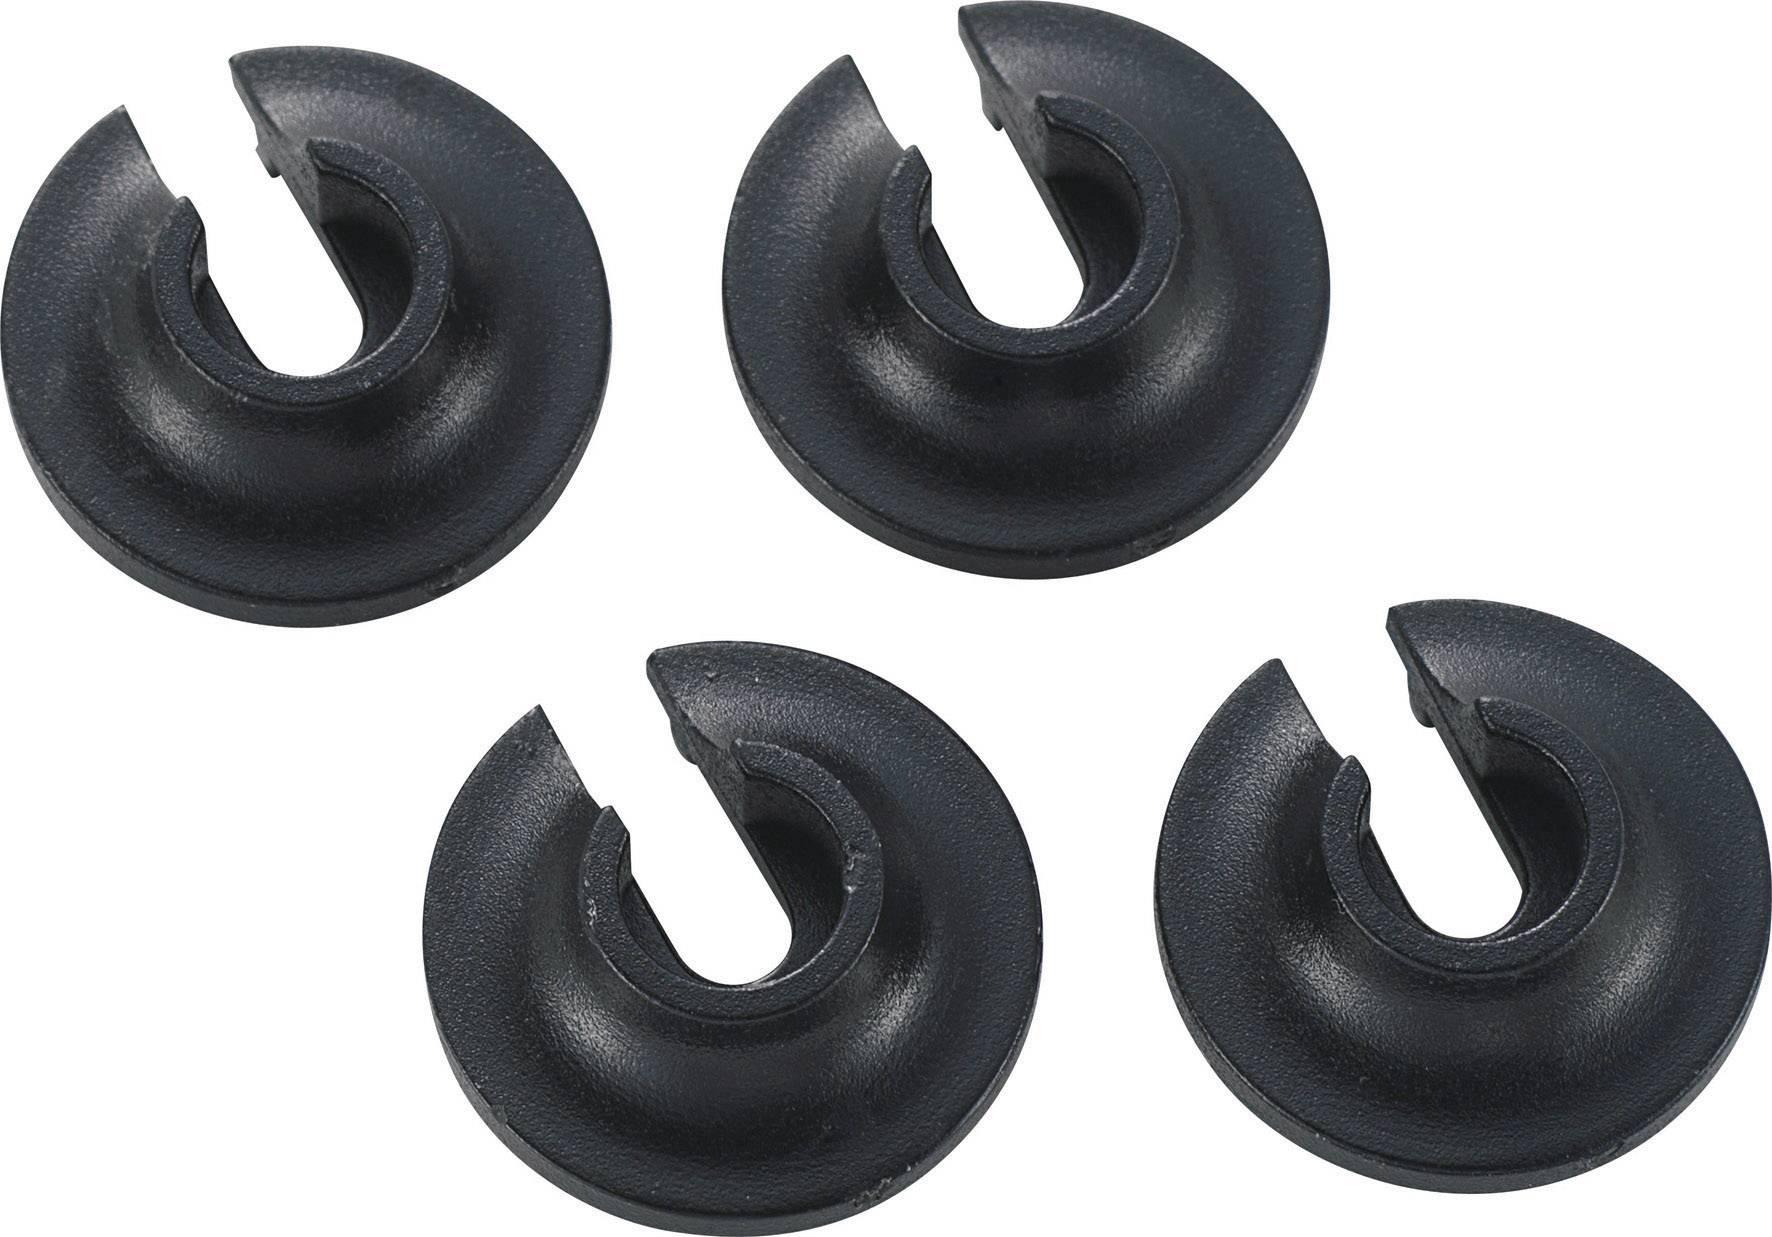 Zarážky pružin olejových tlumičů Reely, 1:10, 4 ks (VX1386)